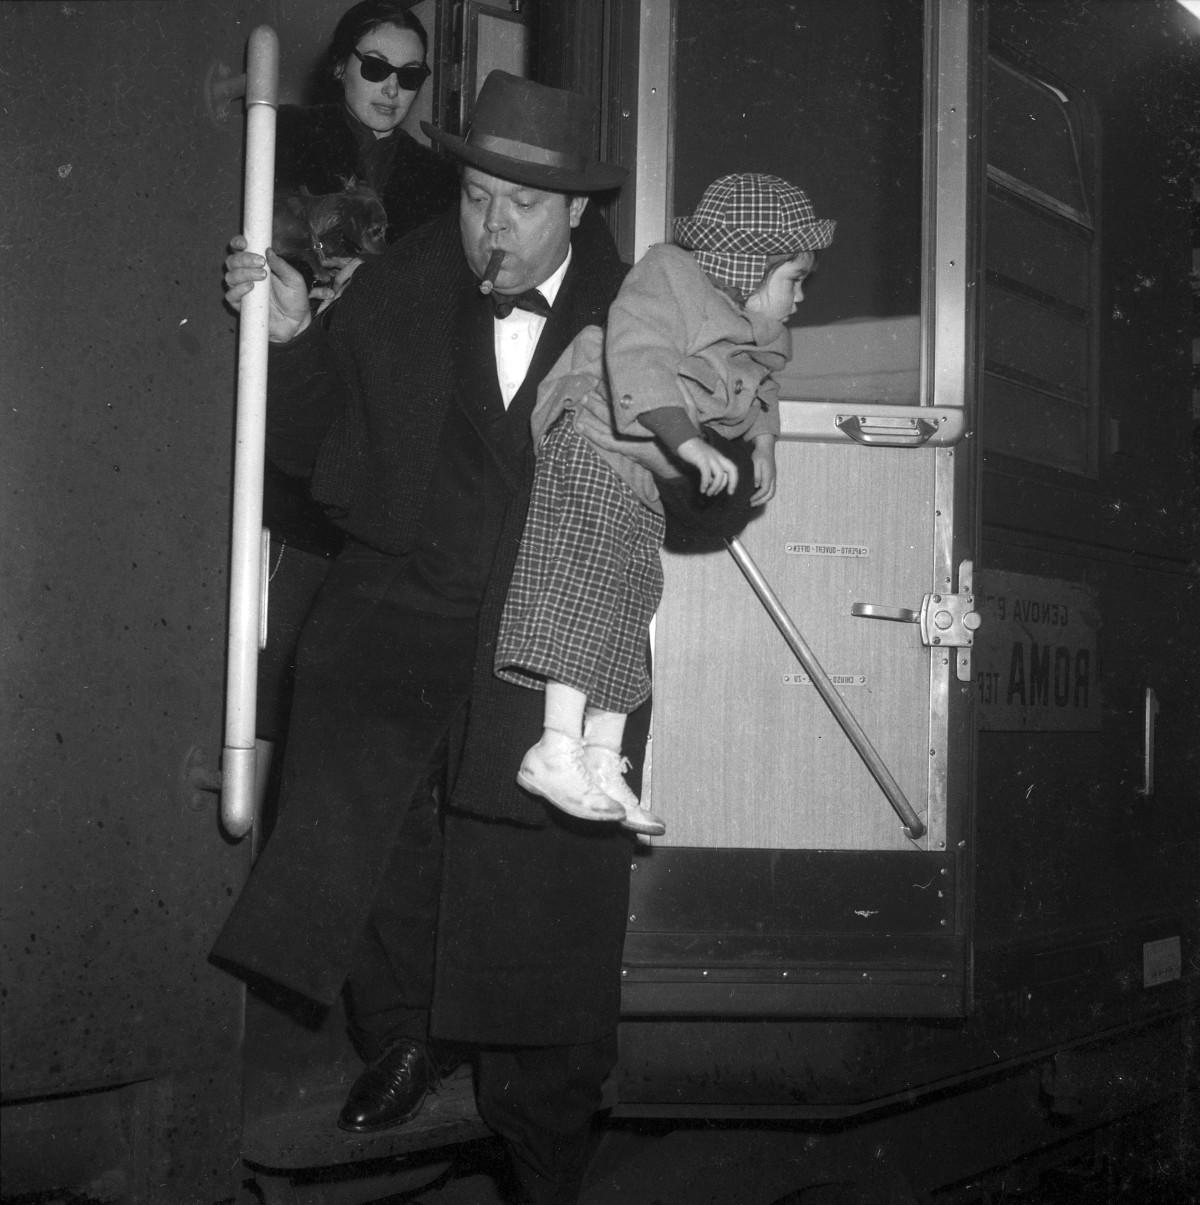 HOLLYWOOD SUL TEVERE. Materiali selezionati dall'archivio fotografico di ITALY'S NEWS PHOTOS di Guglielmo Coluzzi.